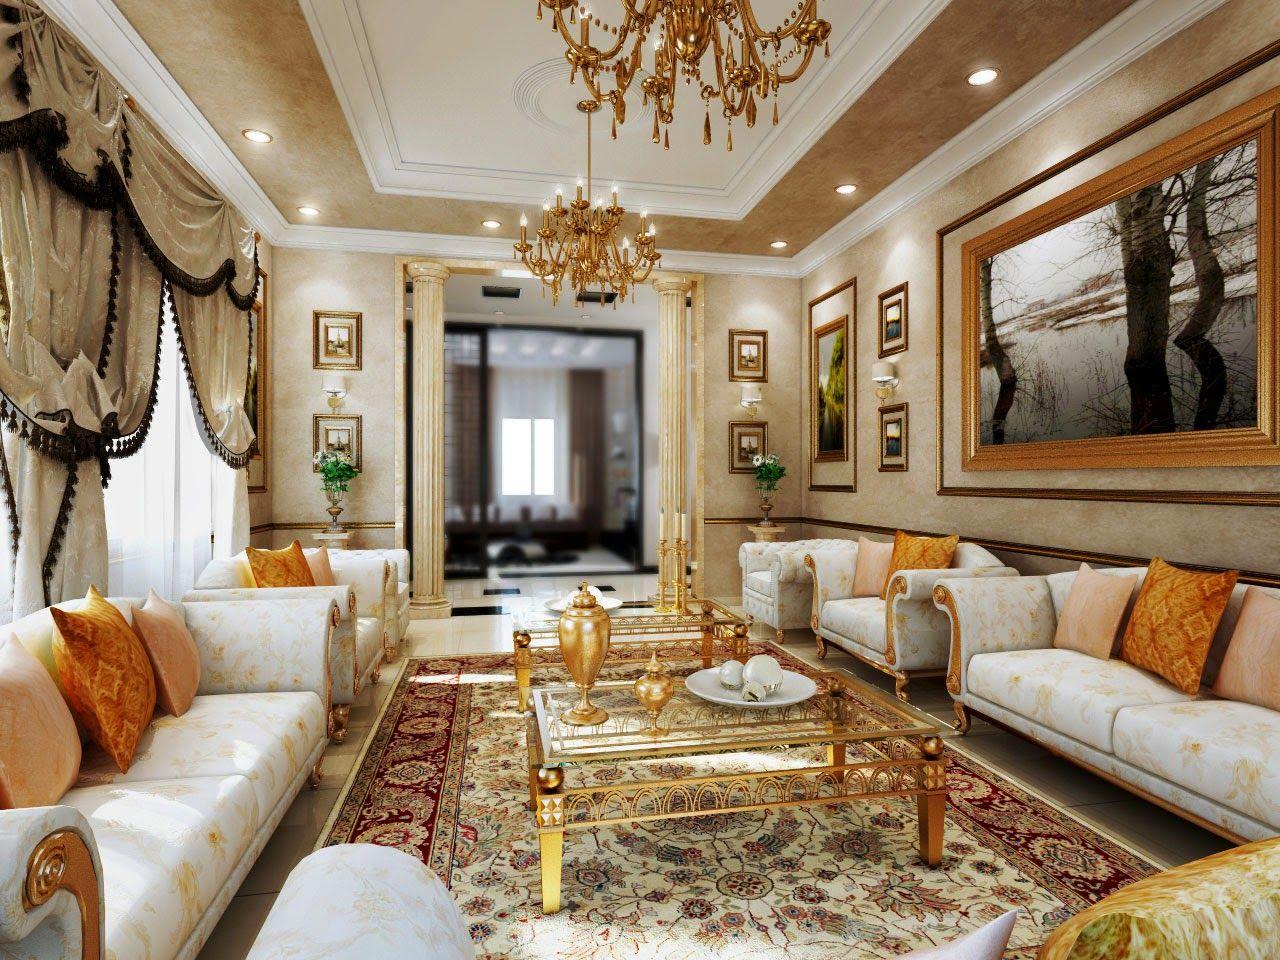 dekorasi ruang tamu luas - Google Search  Ruang tamu mewah